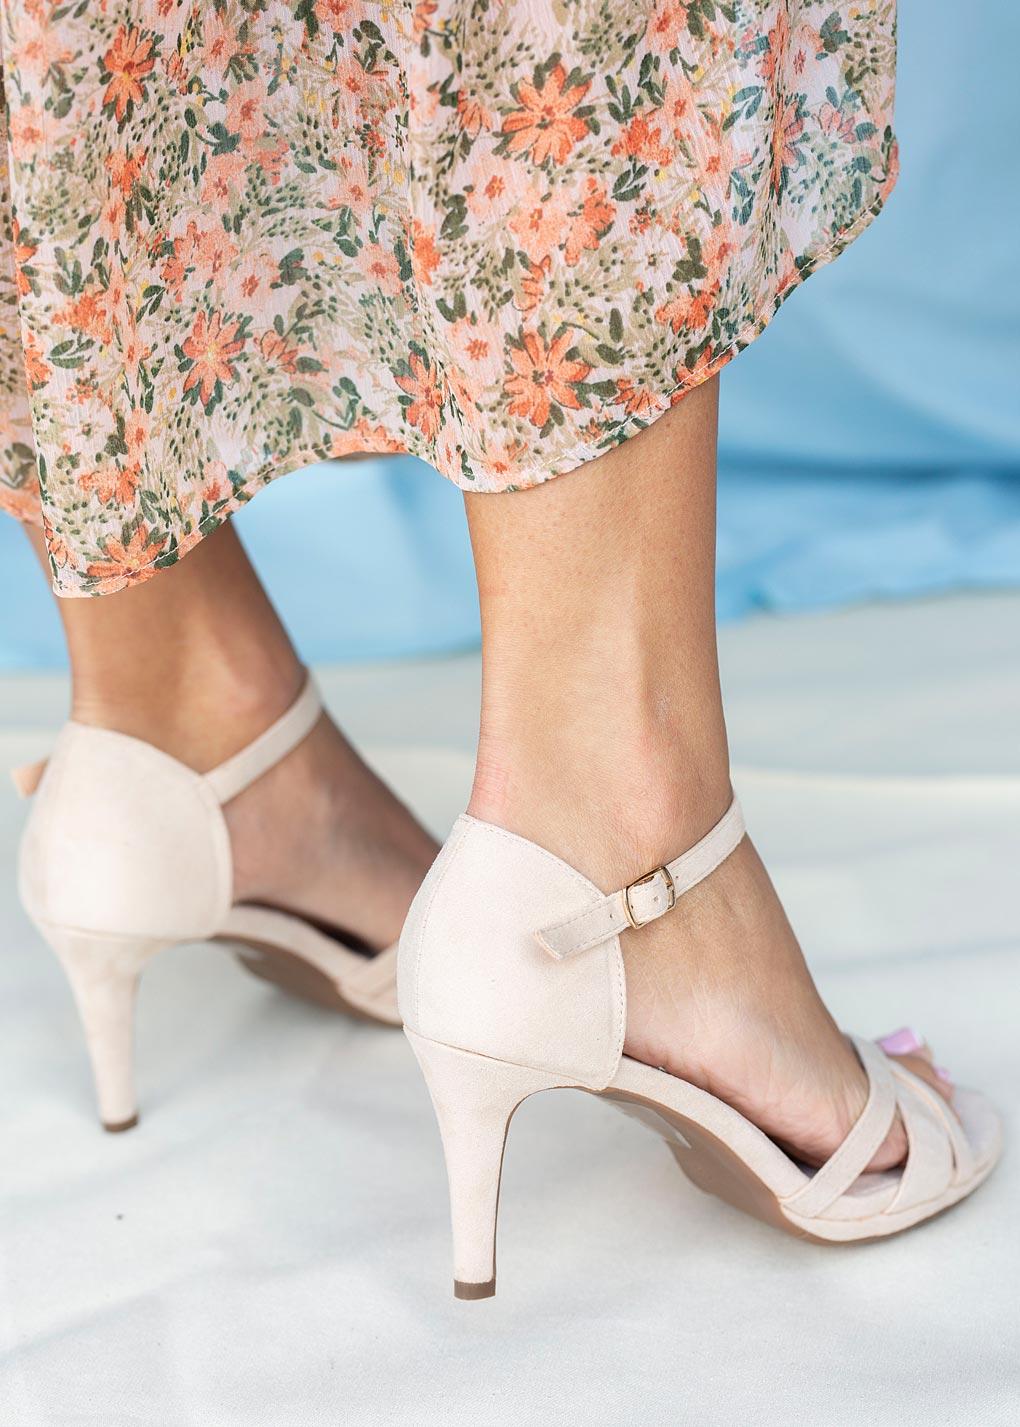 Beżowe sandały szpilki z zakrytą piętą ze skórzaną wkładką Casu ER20X3/BE jasny beżowy